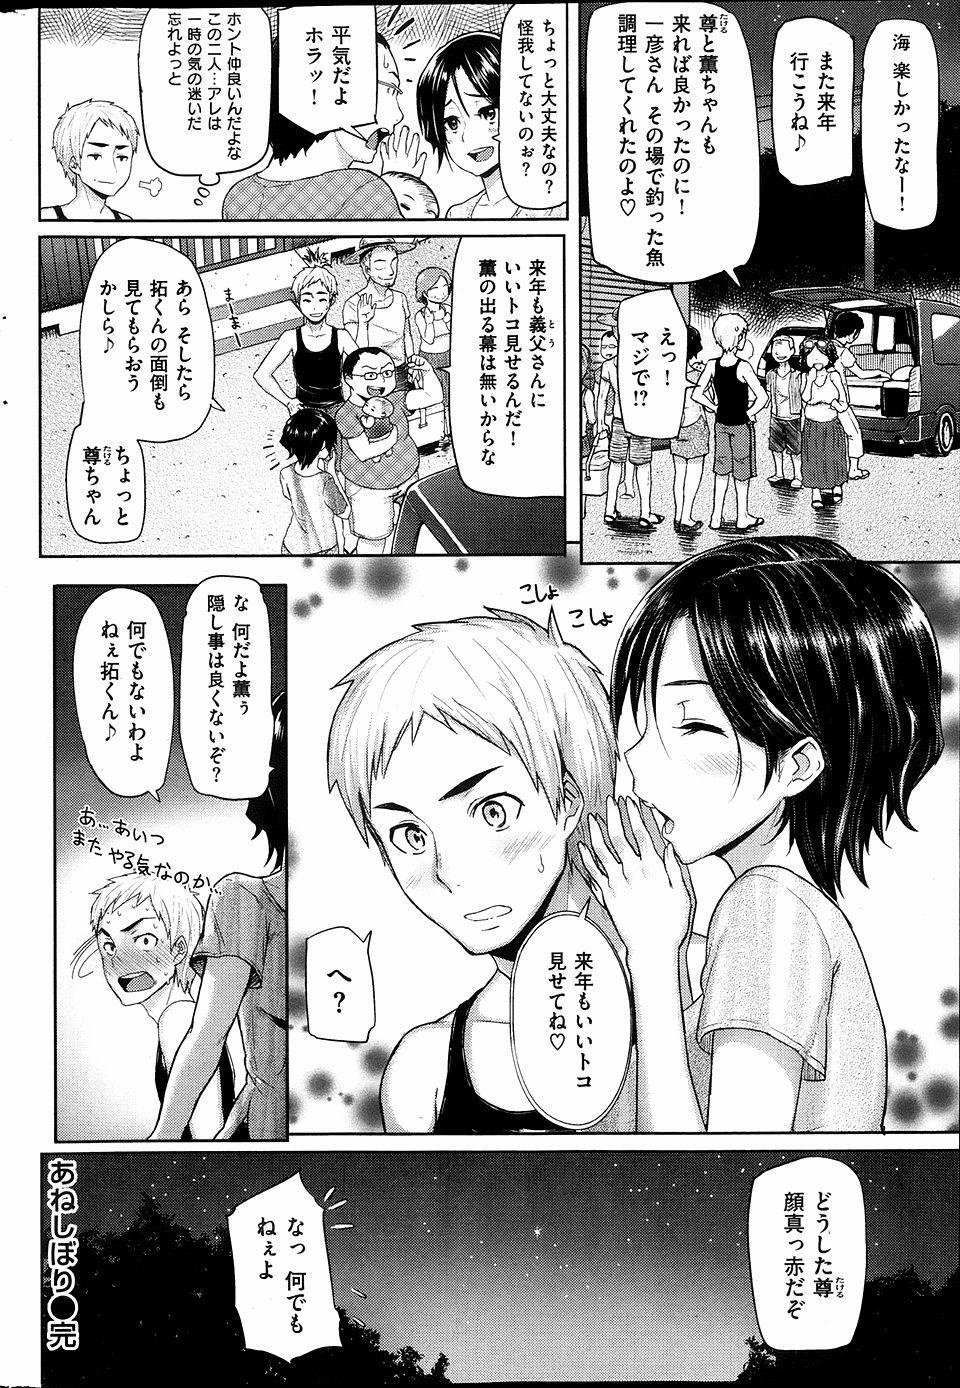 【エロ漫画・エロ同人誌】巨乳人妻のイトコが母乳あげてるのを見て欲情しちゃったwww (20)